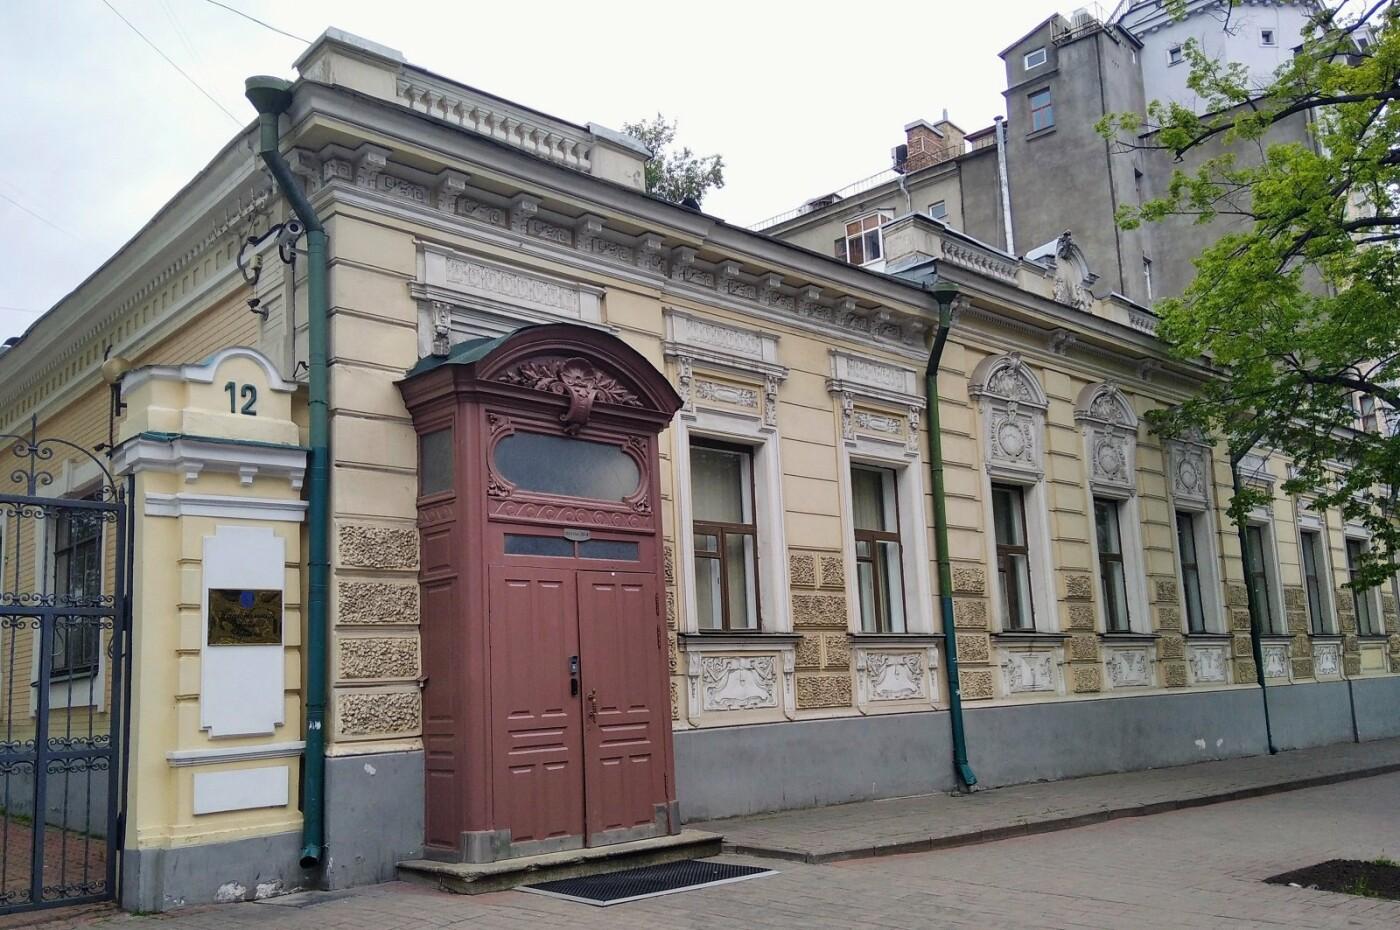 Особняк Трепова в Киеве, фото: Jewel J